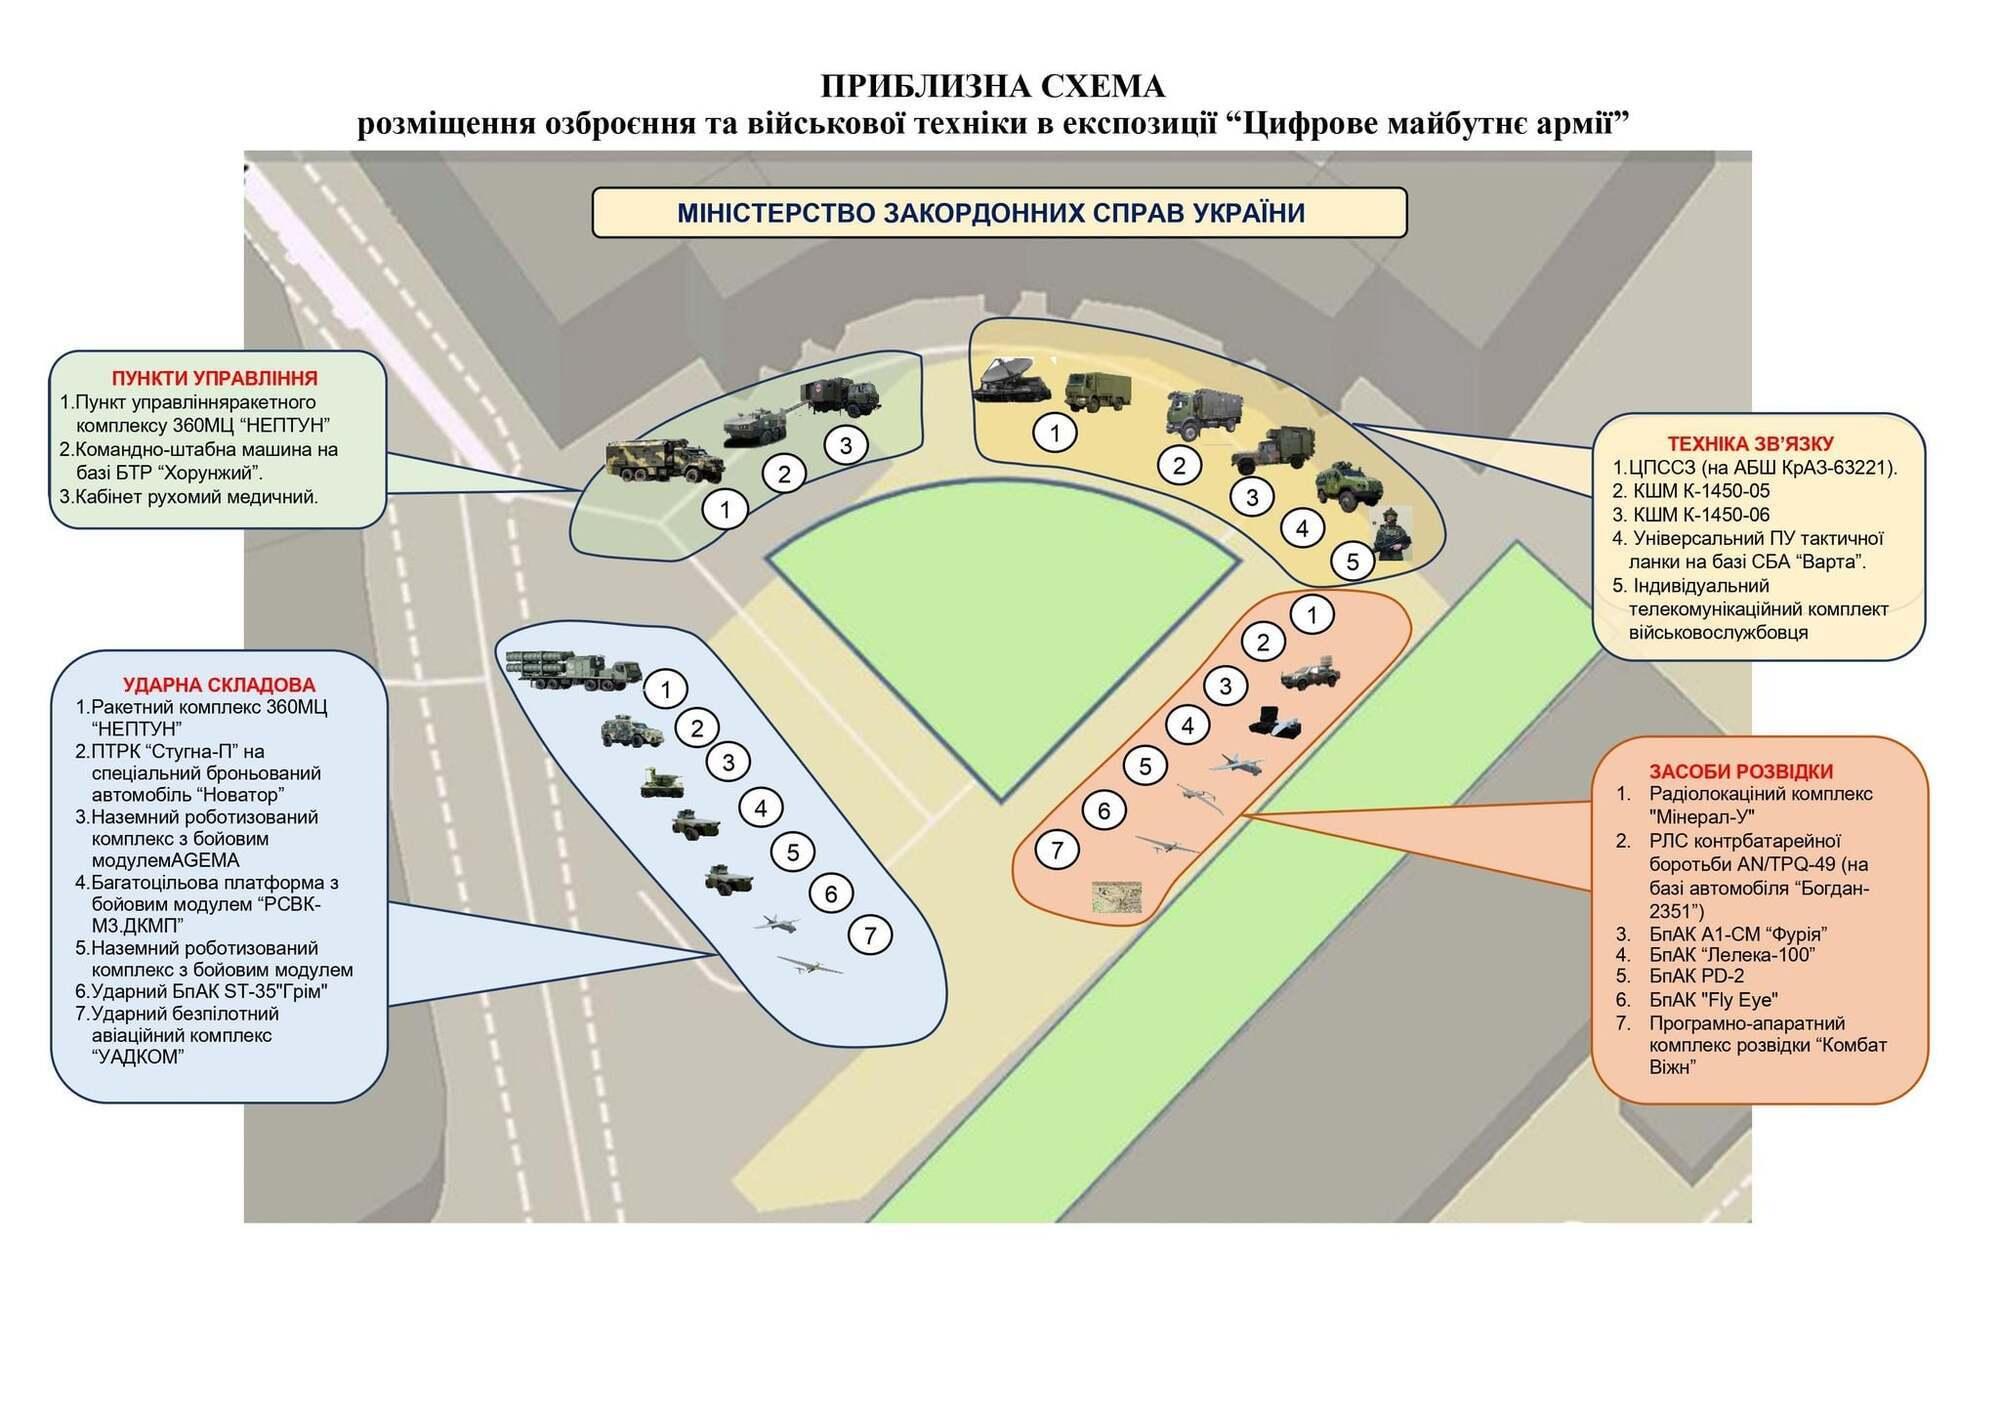 Схема размещения военной техники.